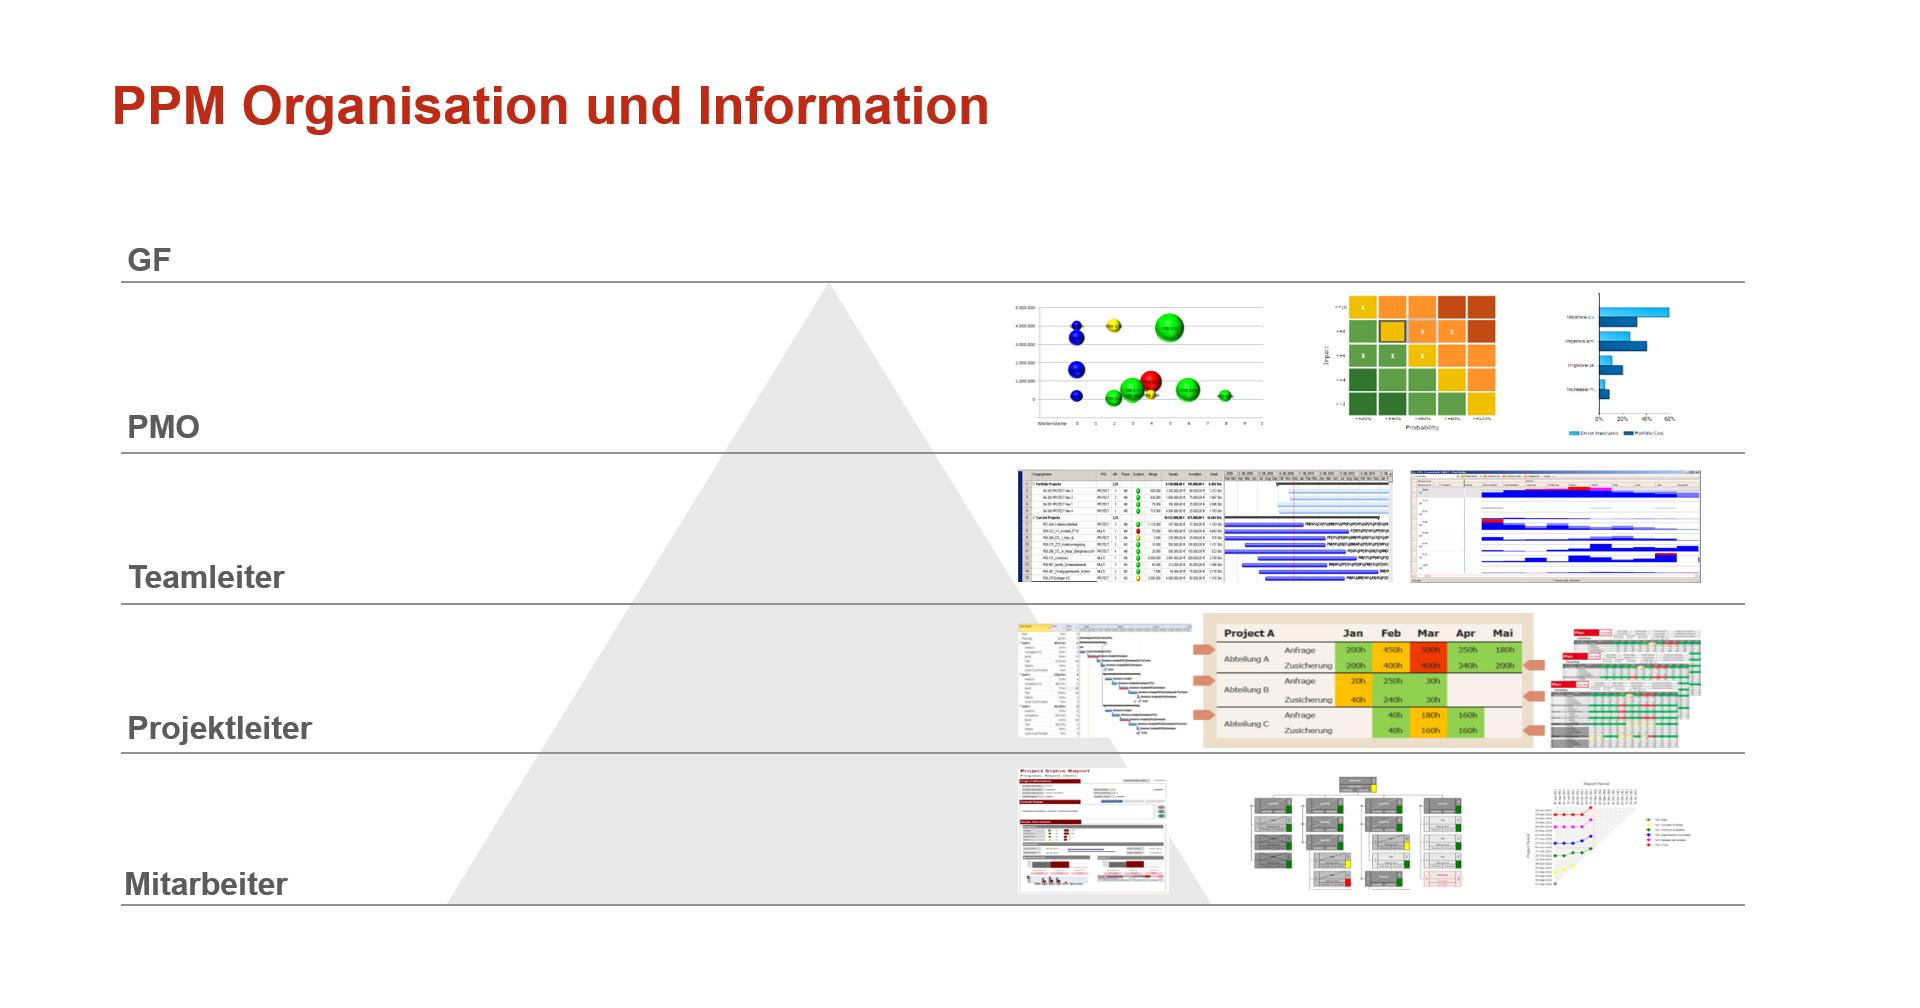 warum ein PMO wichtig ist - PPM-Organisation und Information